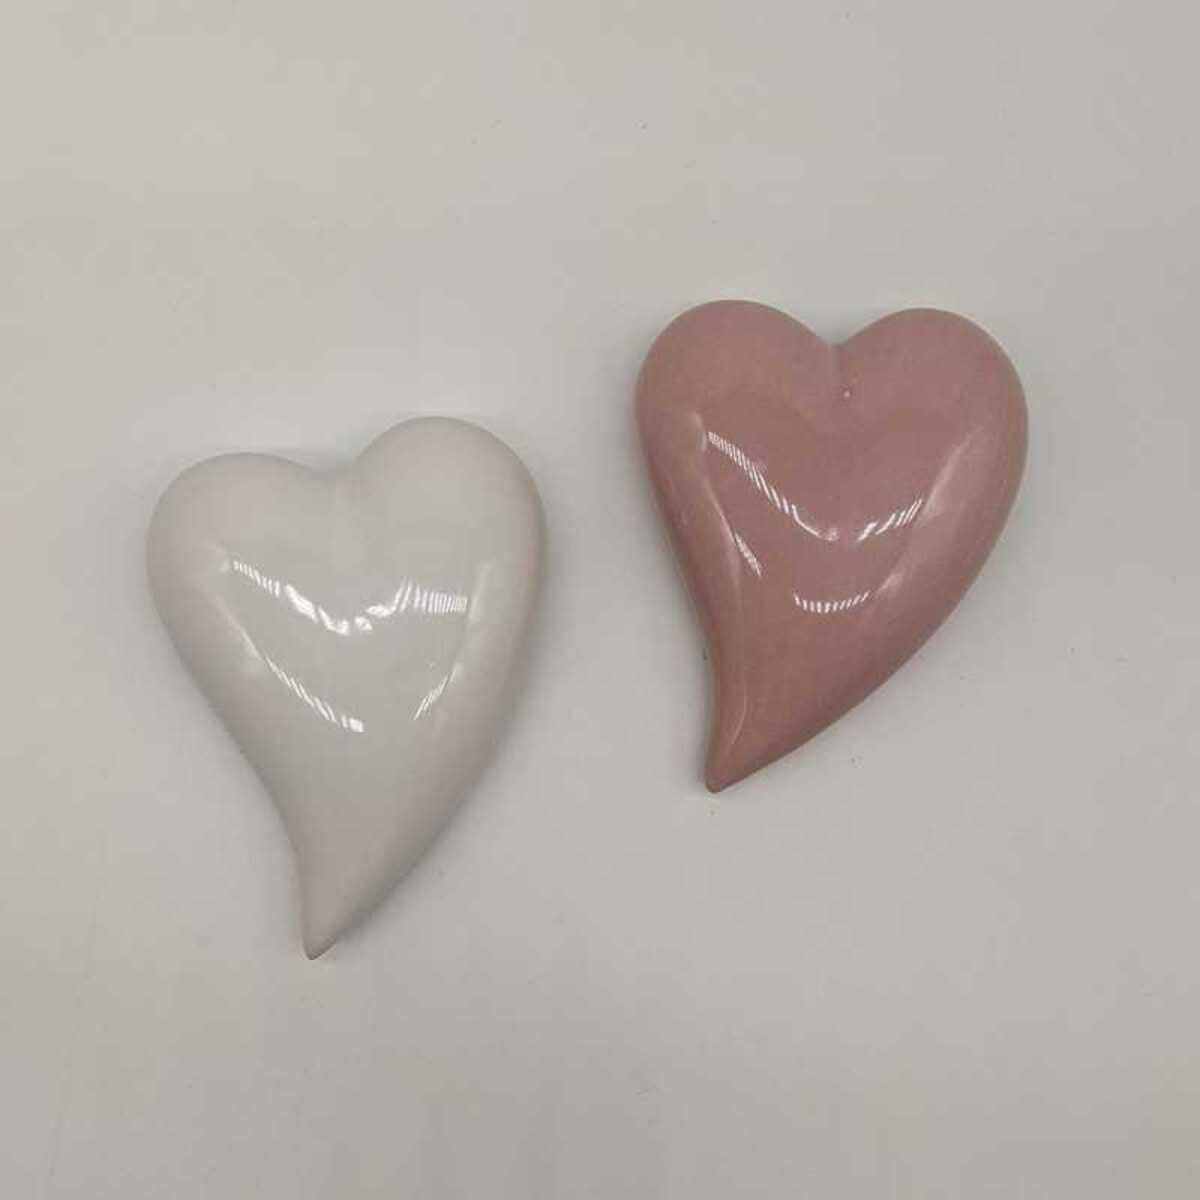 Bild 1 von Deko-Figur Herz, Dolomit, 8,50  x 11,00 x 2,50 cm, weiß & rosa